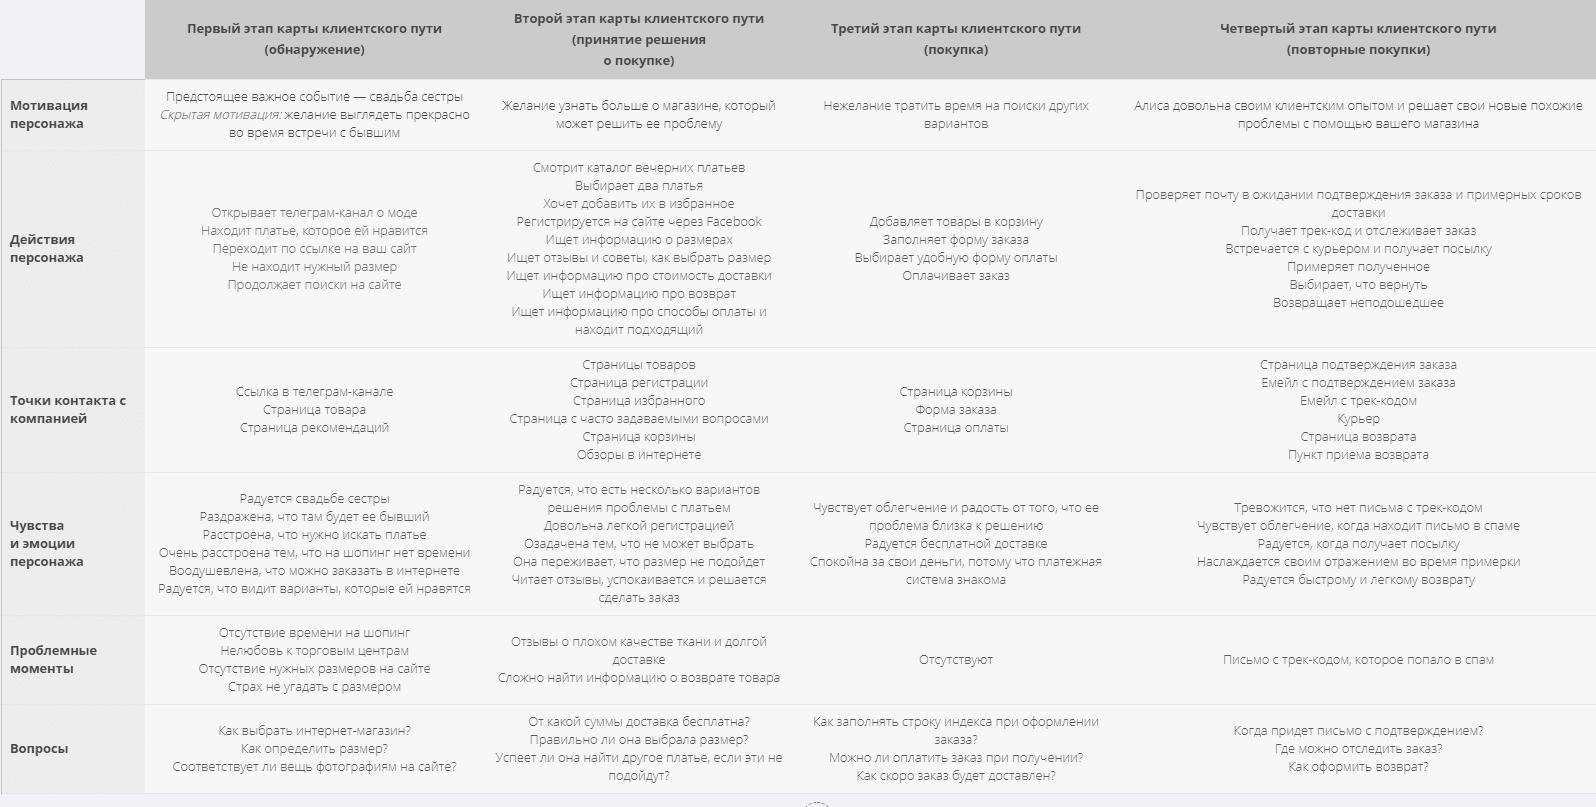 CJM: как выстроить путь покупателя к продукту без приключений